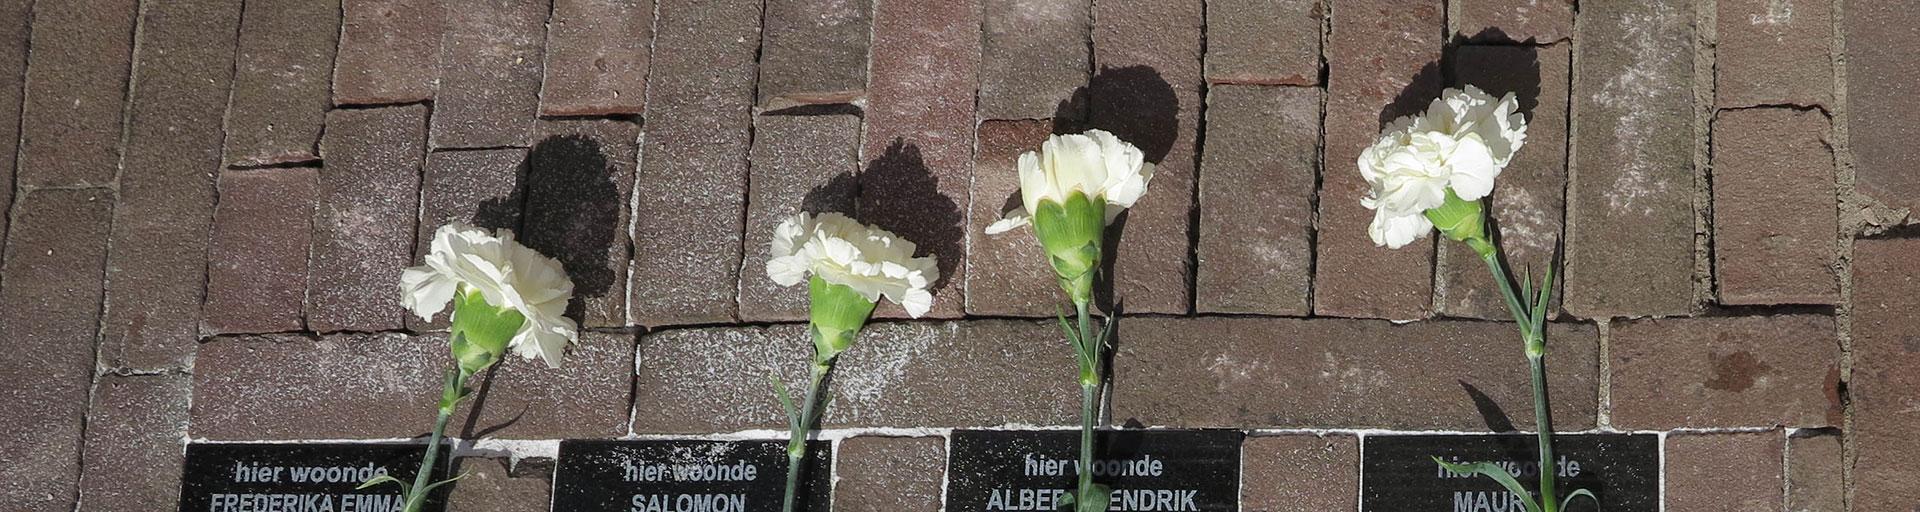 Herdenkingsstenen Amersfoort - Wij zullen hun namen niet vergeten